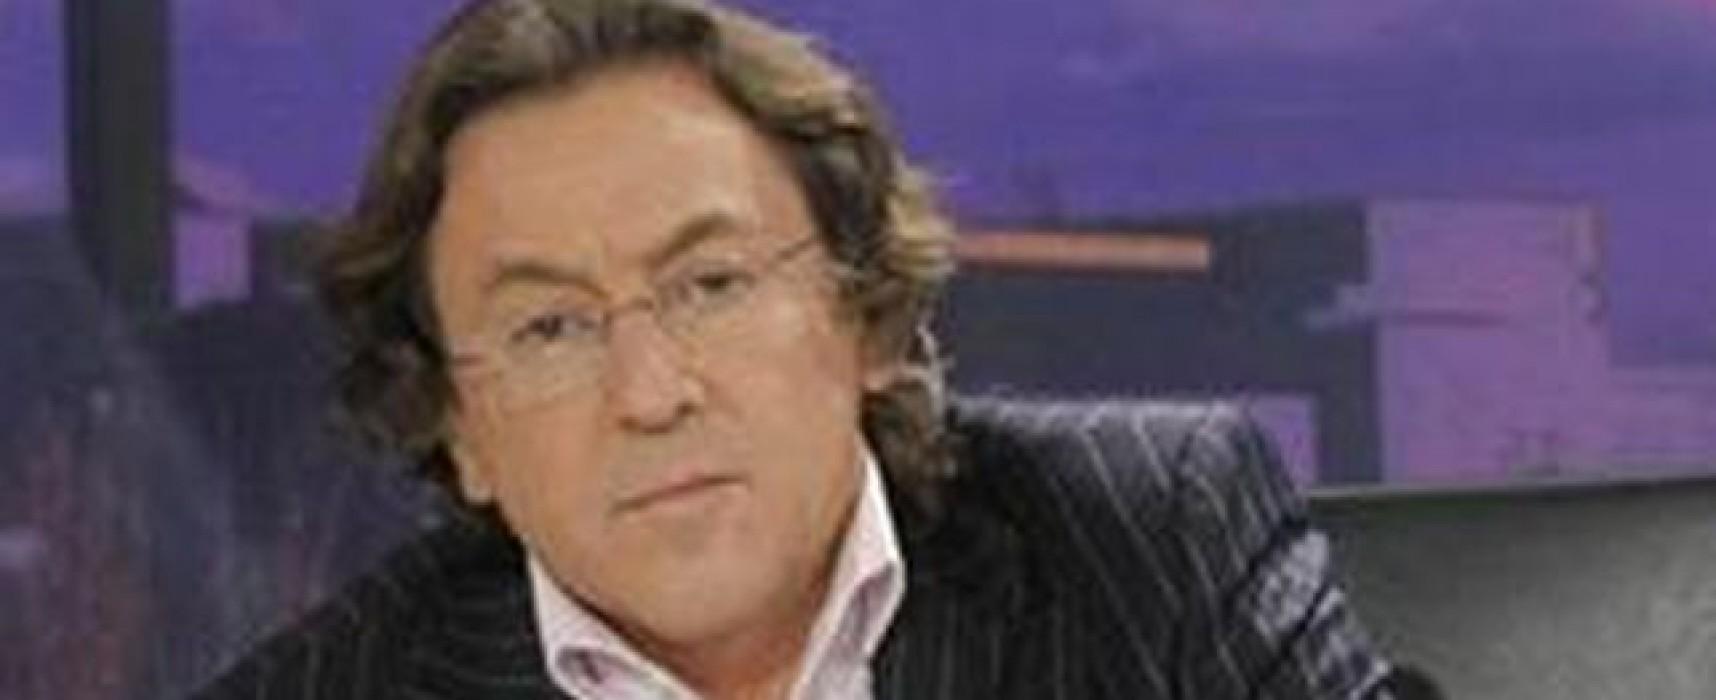 La embajada de Rusia en España llama a Hermann Tertsch «escritor de ciencia-ficción» por un artículo en ABC